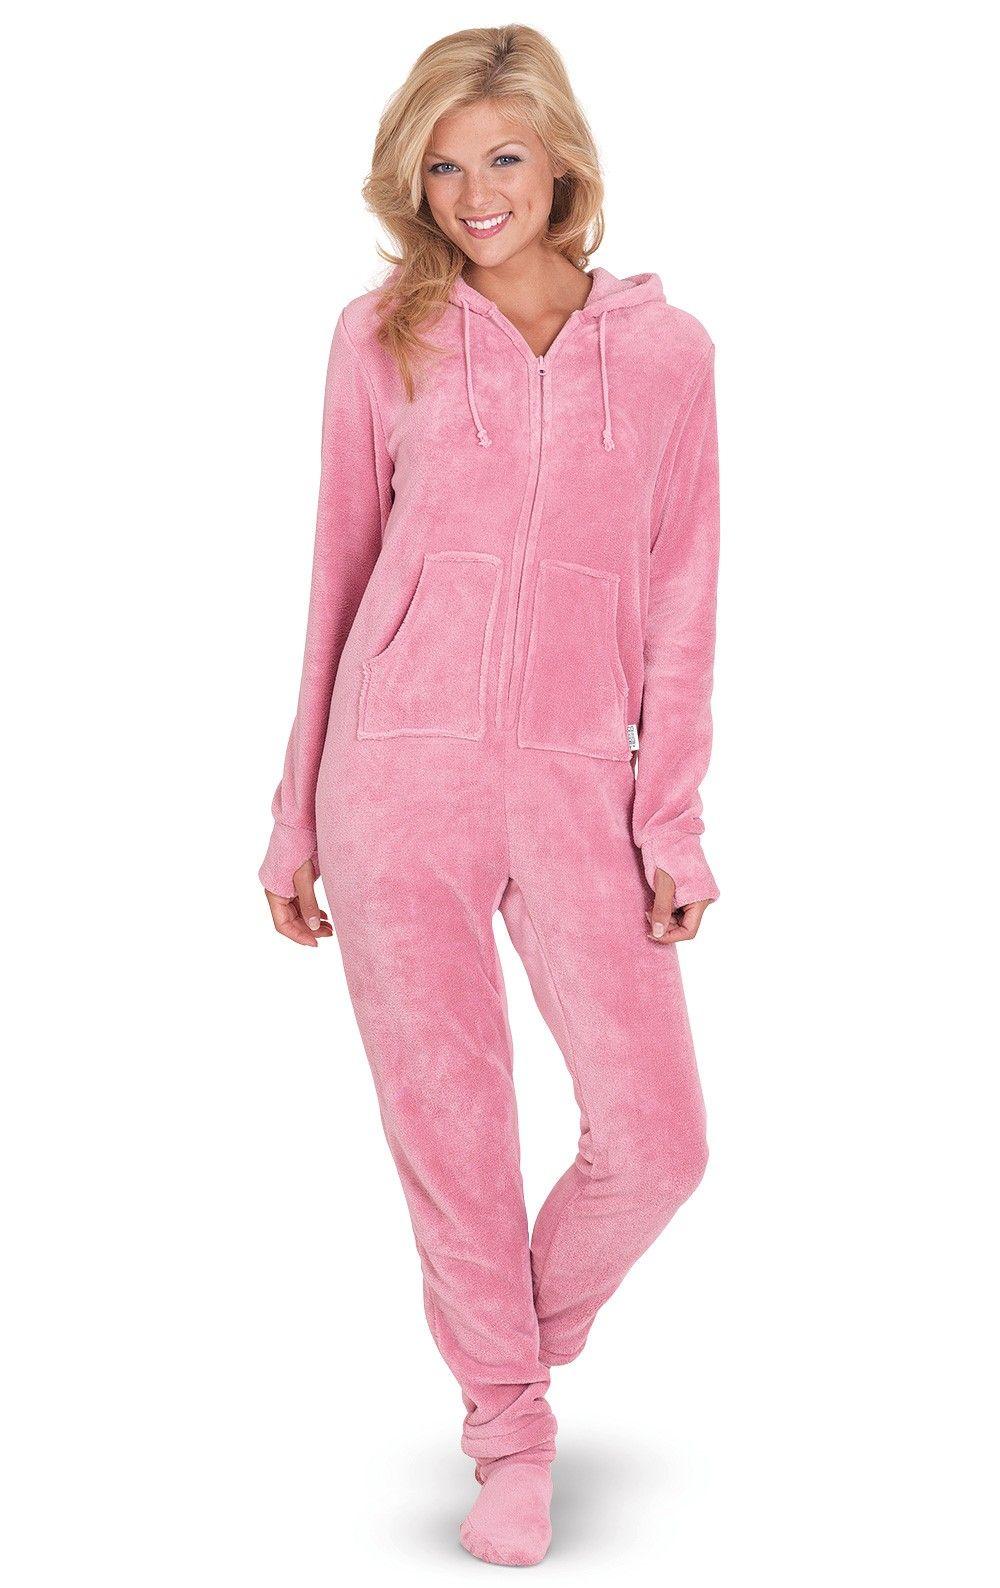 Hoodie-Footie™ - Pink  a6f700679